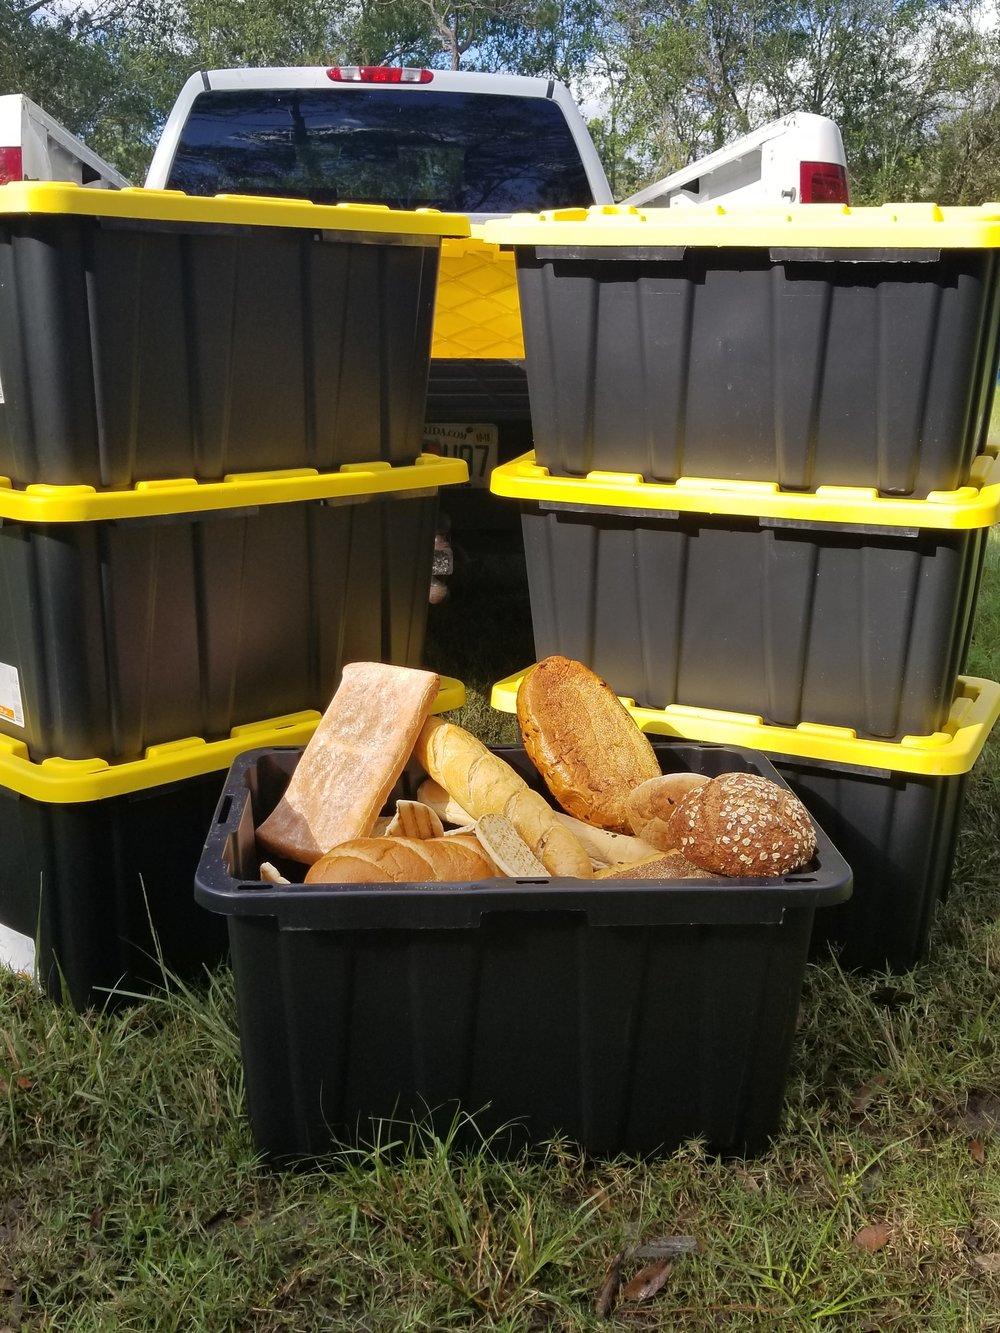 bread-bin-food-waste